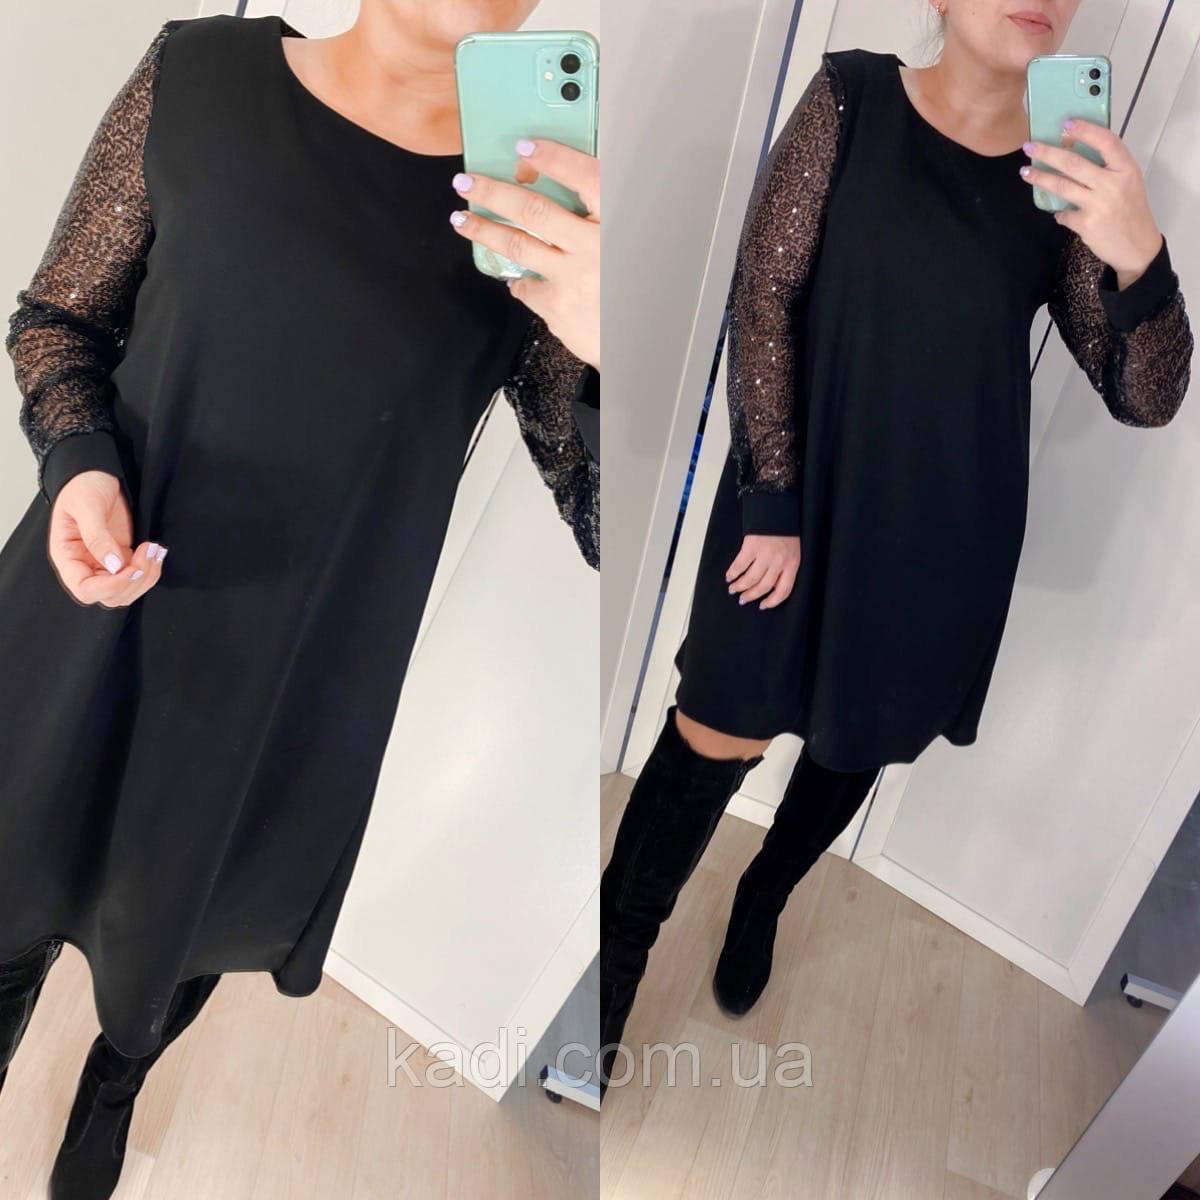 Платье с сеточными рукавами / арт.018